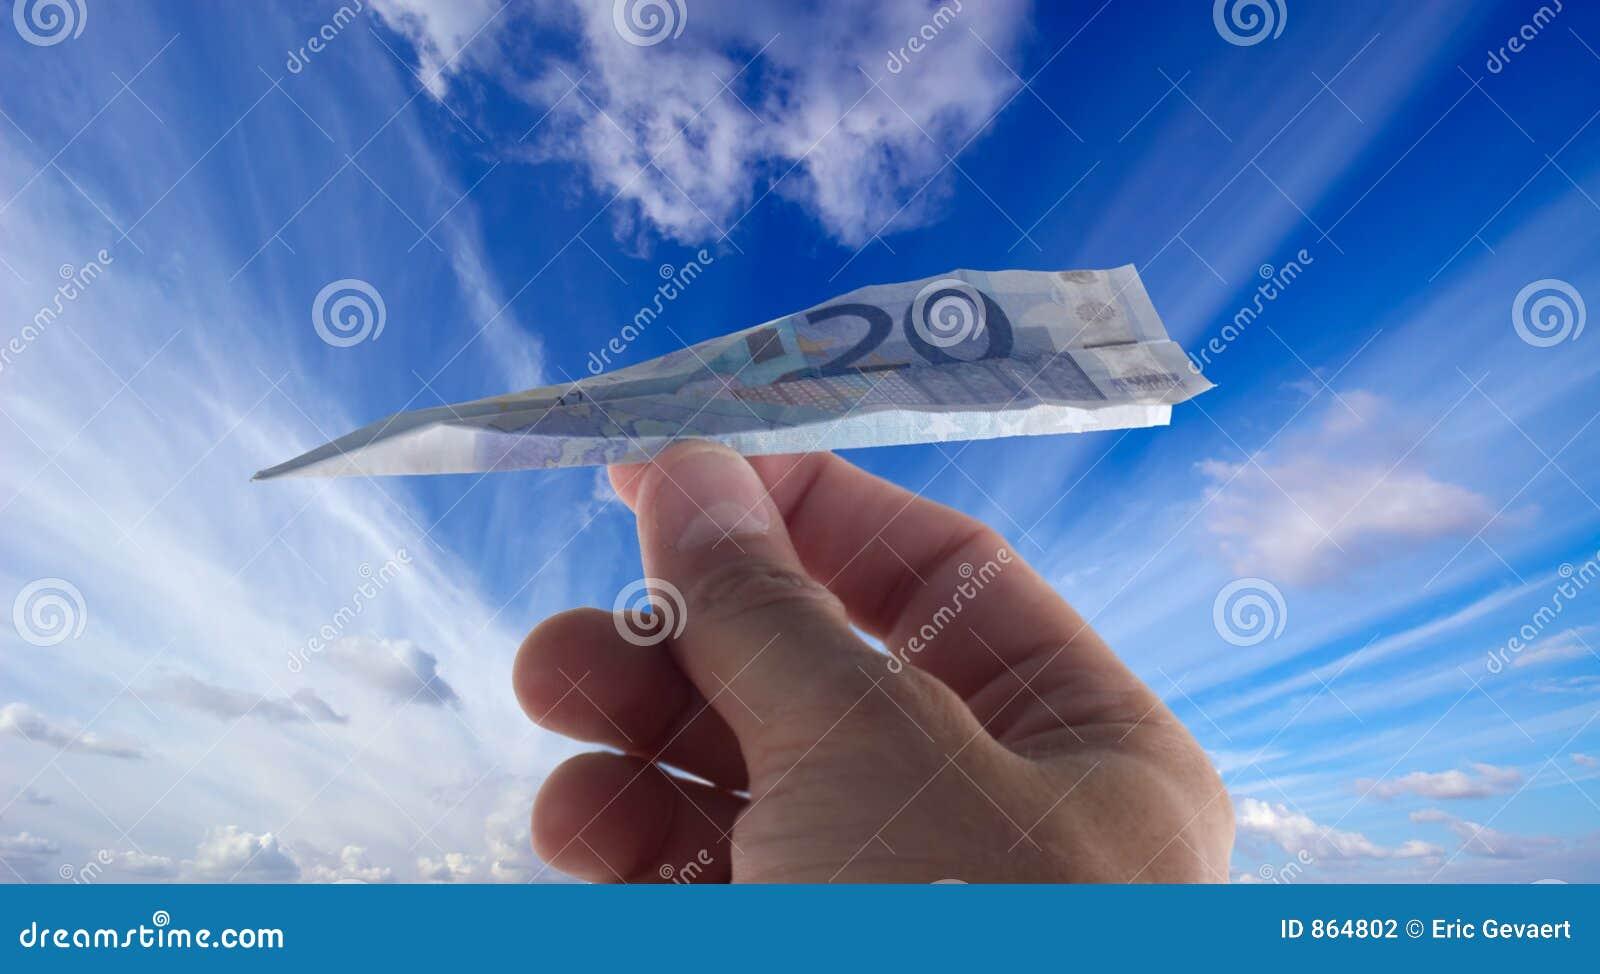 αεροπλάνα χρημάτων